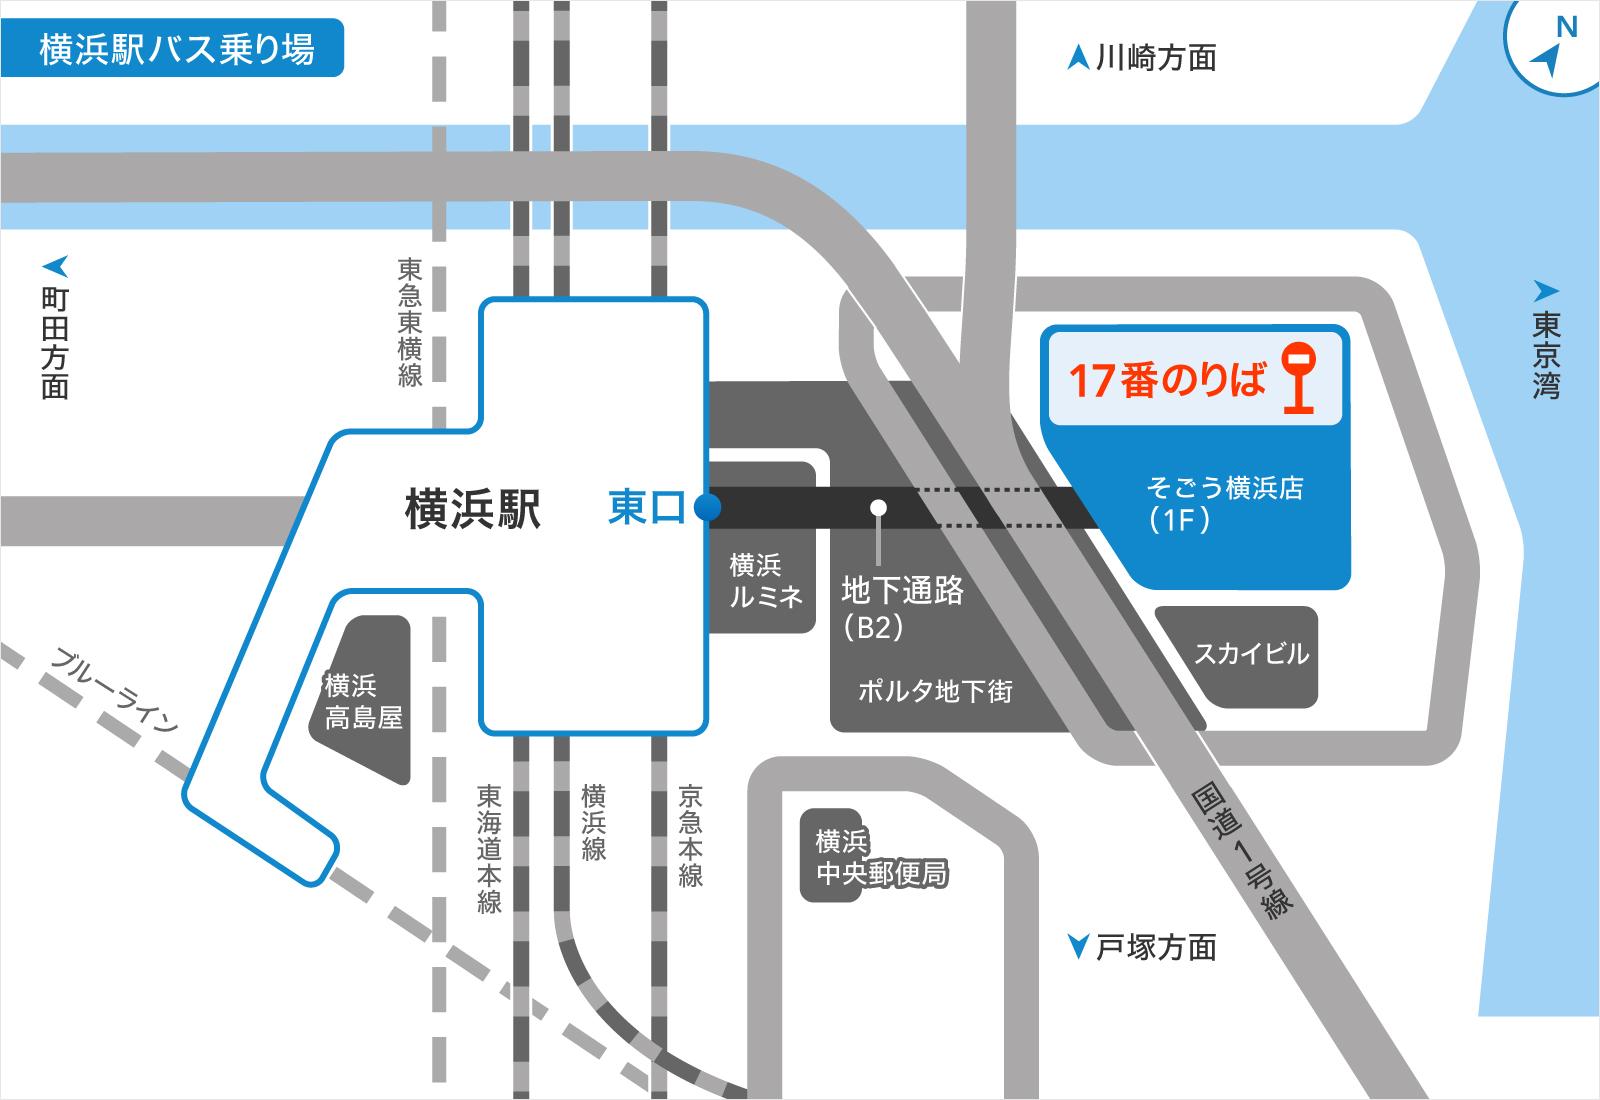 公式】横浜(時刻表/バス乗り場) | 東京ディズニーランド